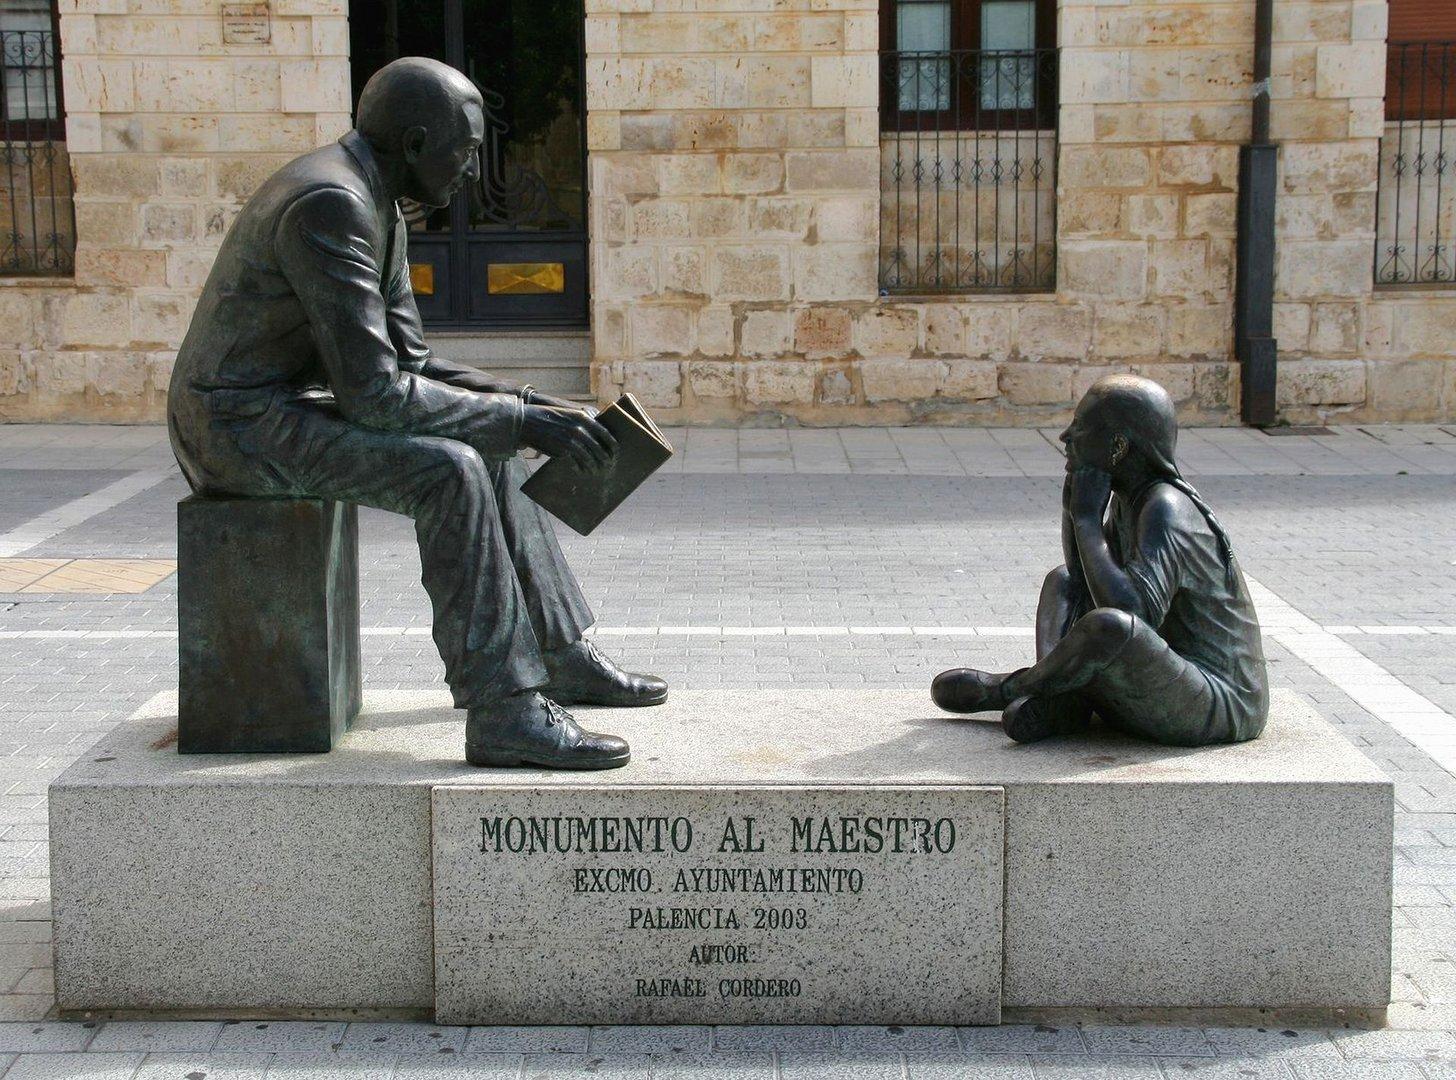 Monumento al maestro en Palencia